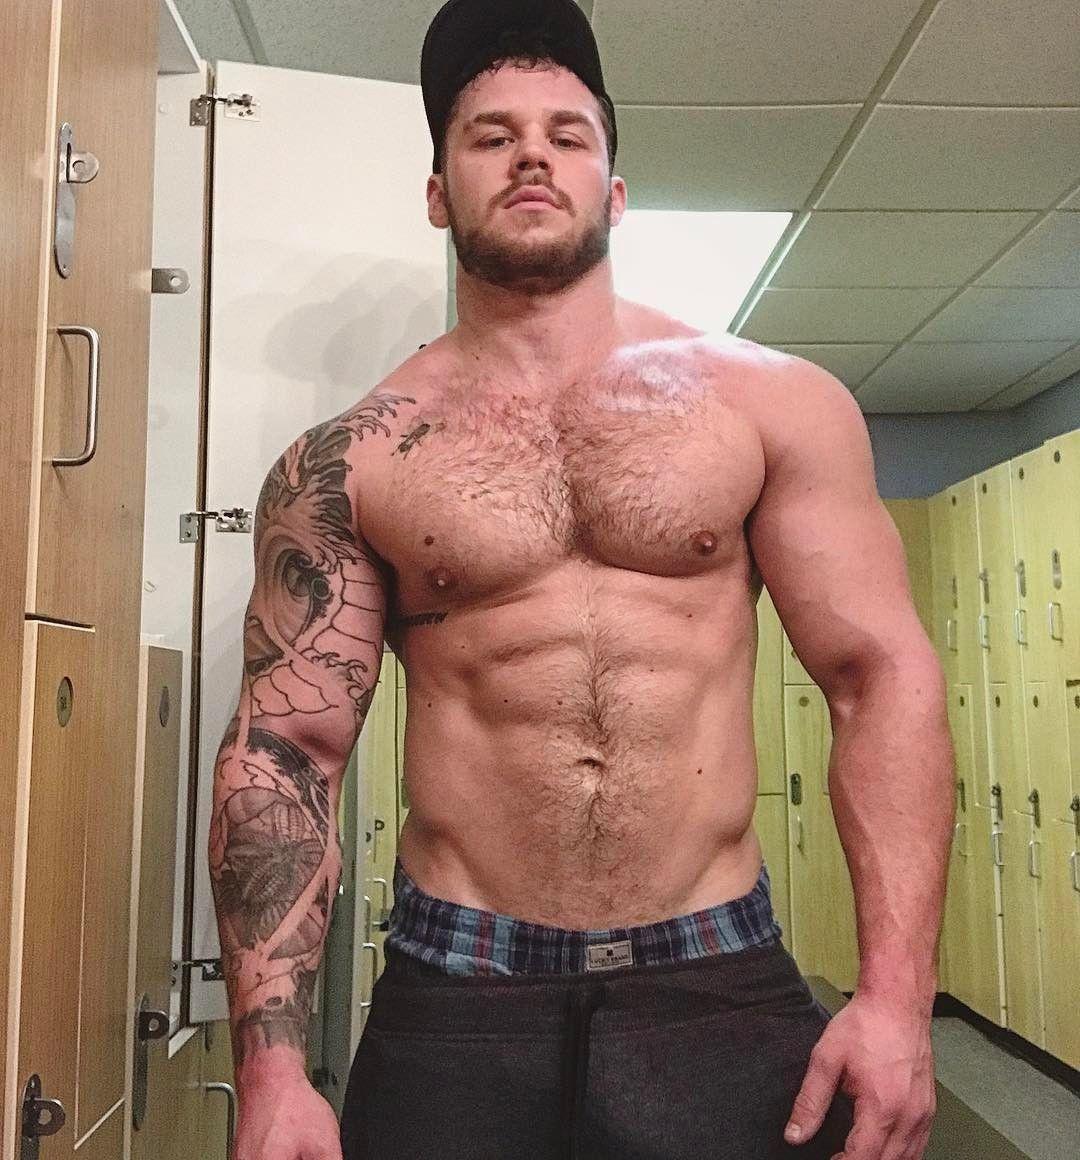 matthew camp actor porno michael cohen abogado